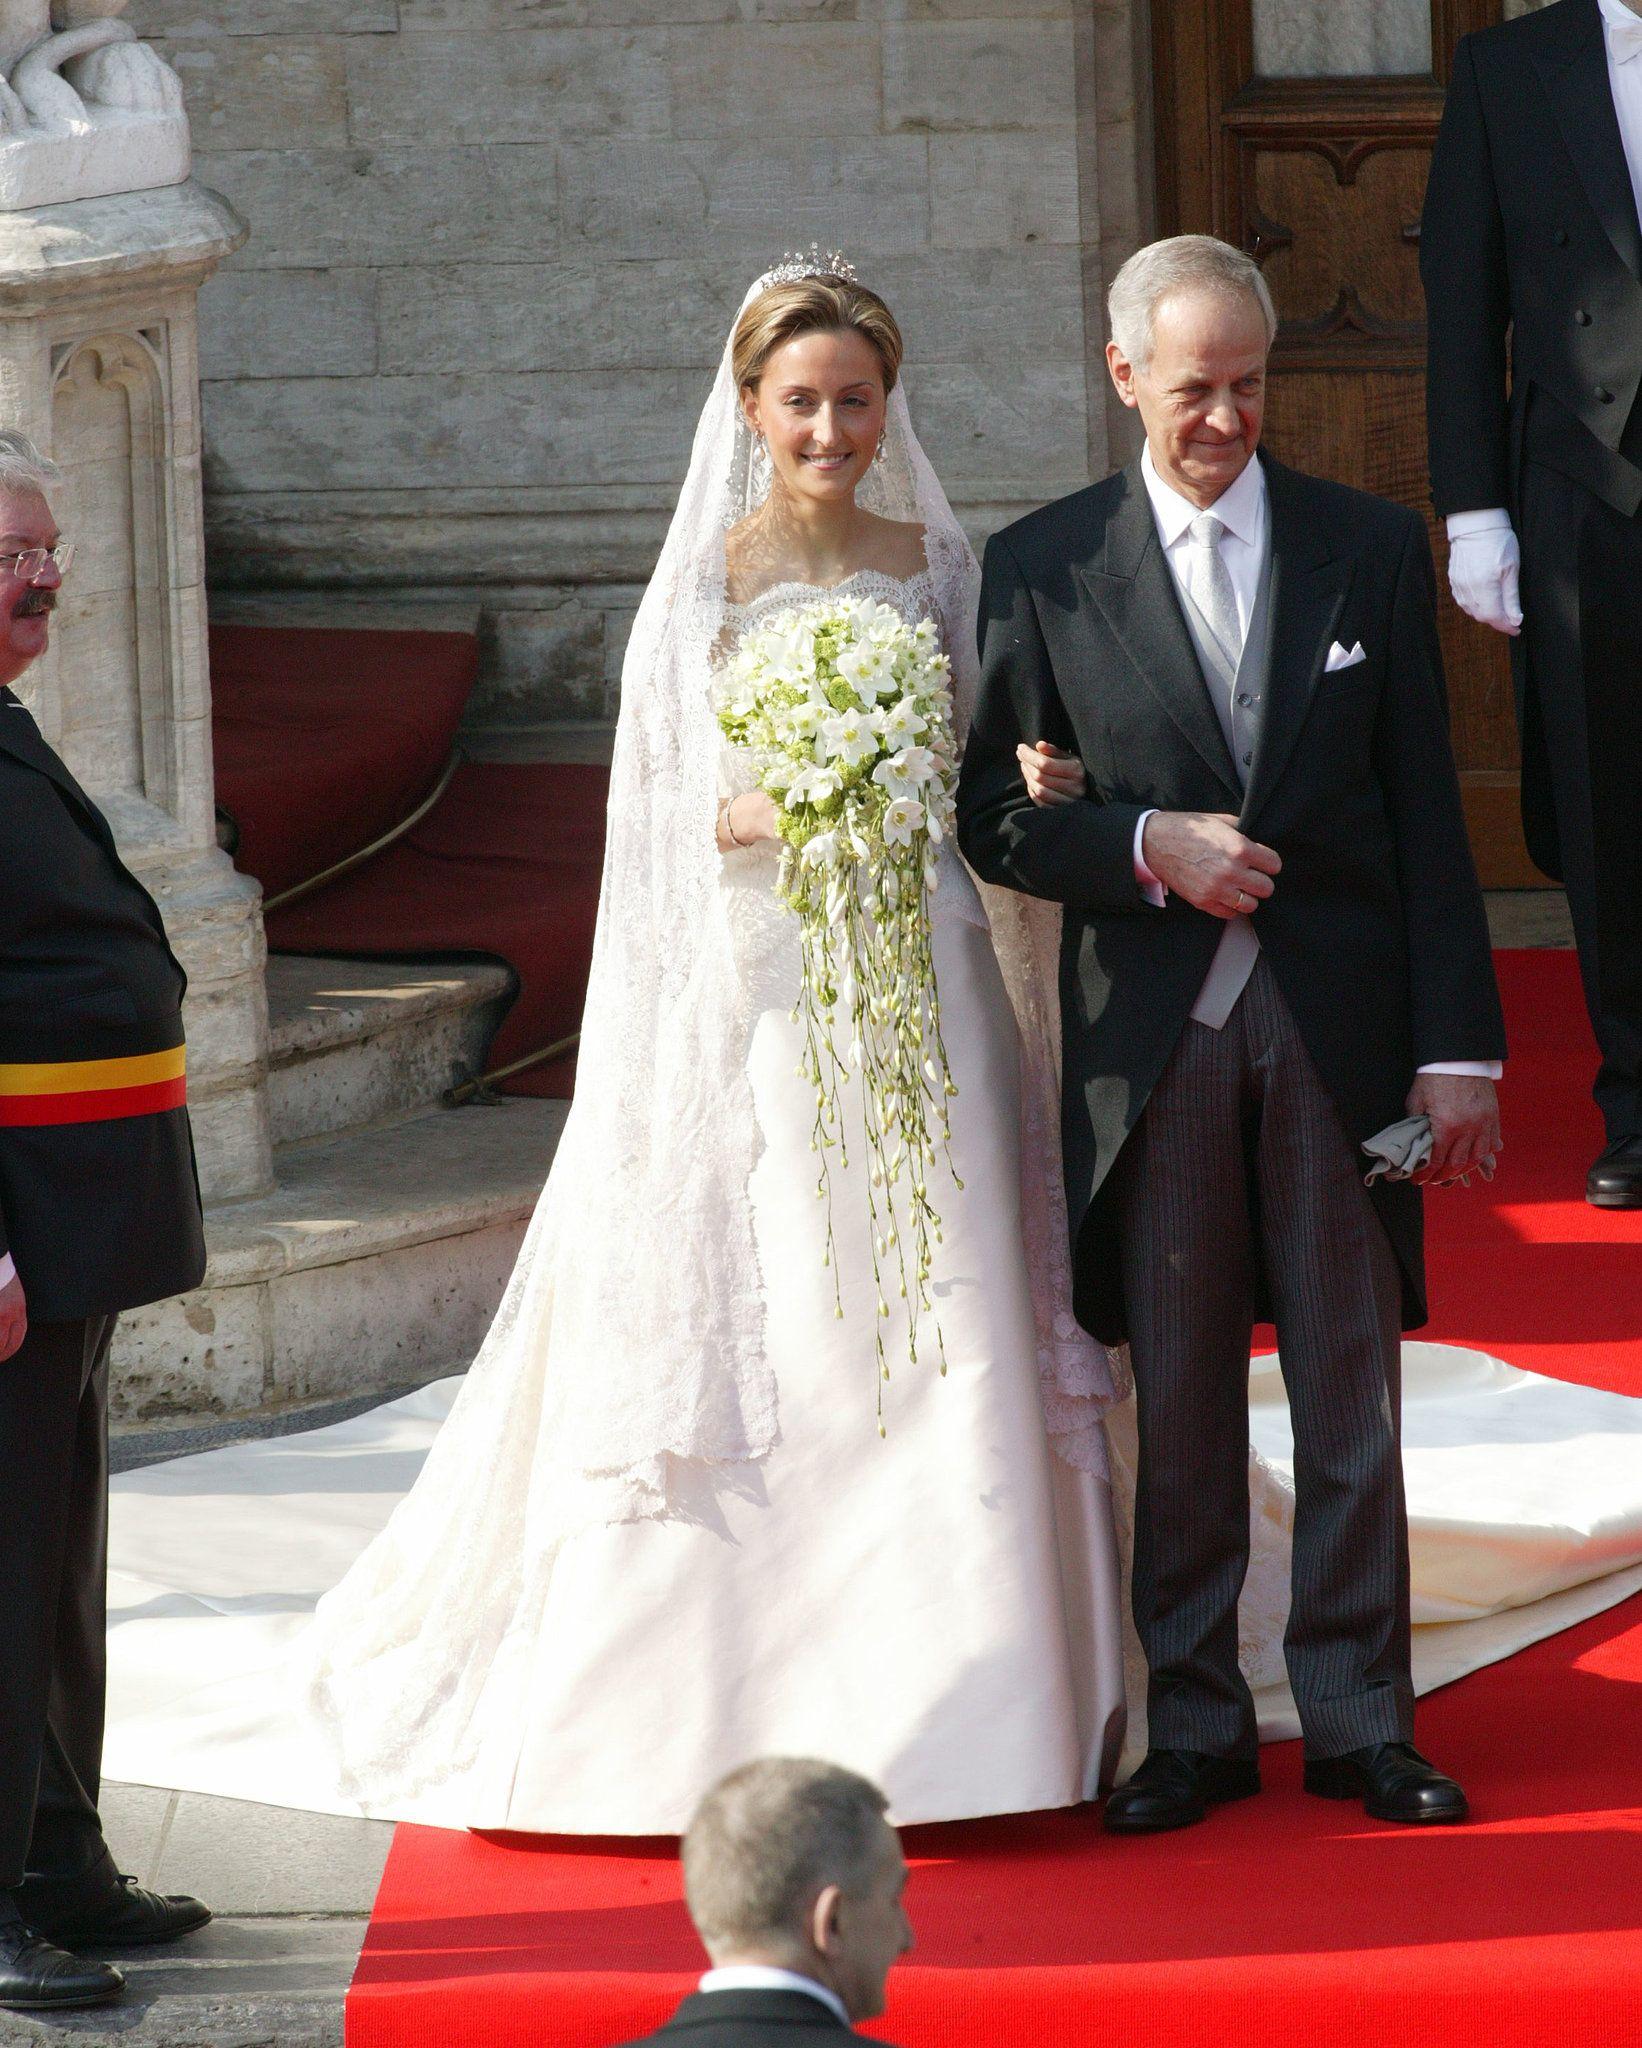 Popsugar Royal Wedding Dress Royal Wedding Gowns Royal Weddings [ jpg ]